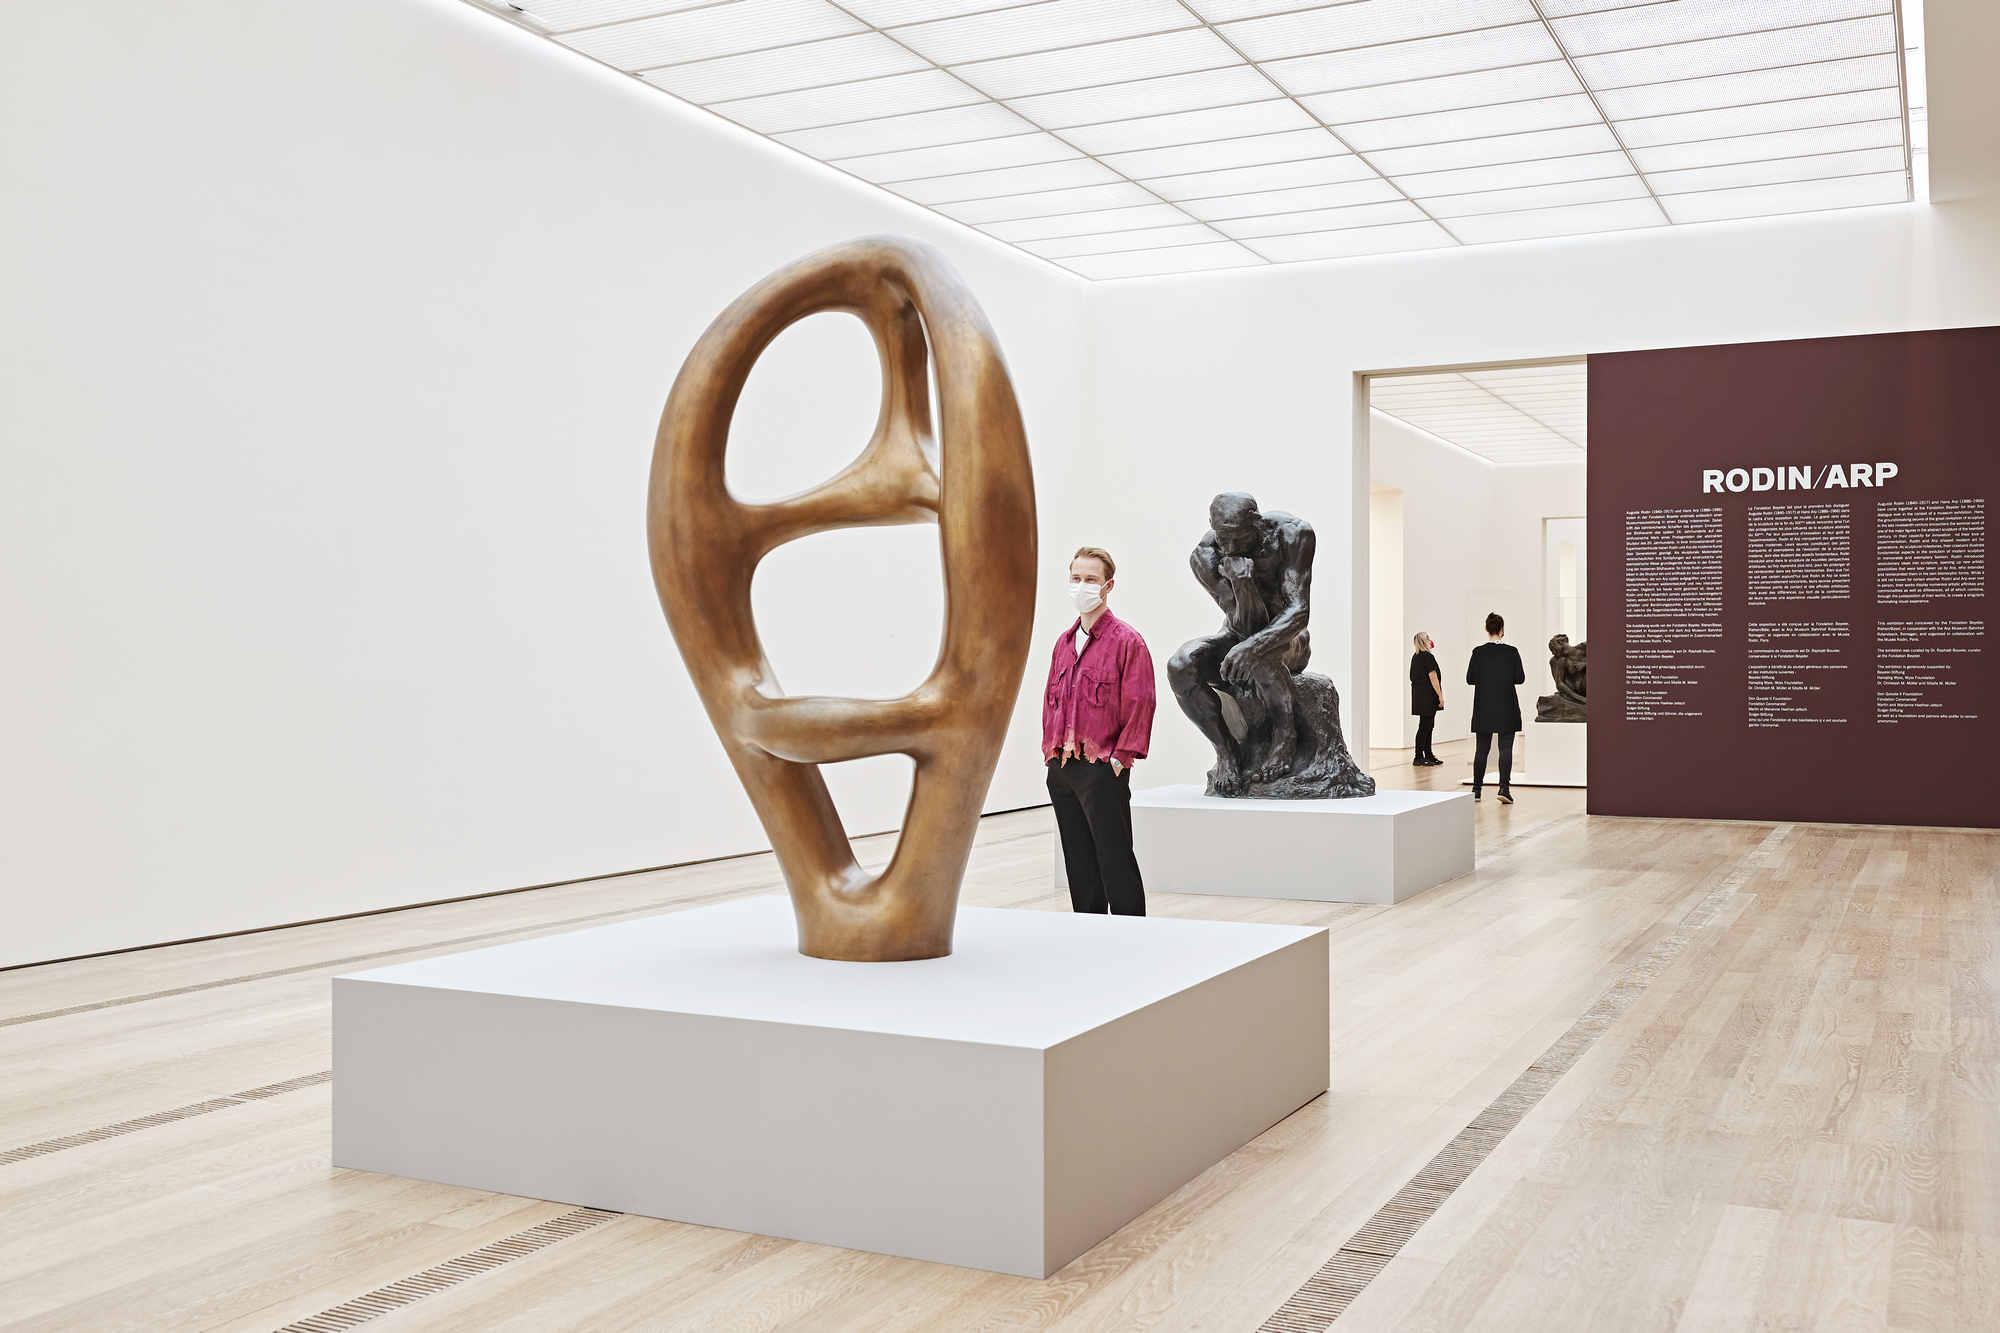 Sete di sperimentazione: le sculture di Rodin e Arp alla Fondation Beyeler